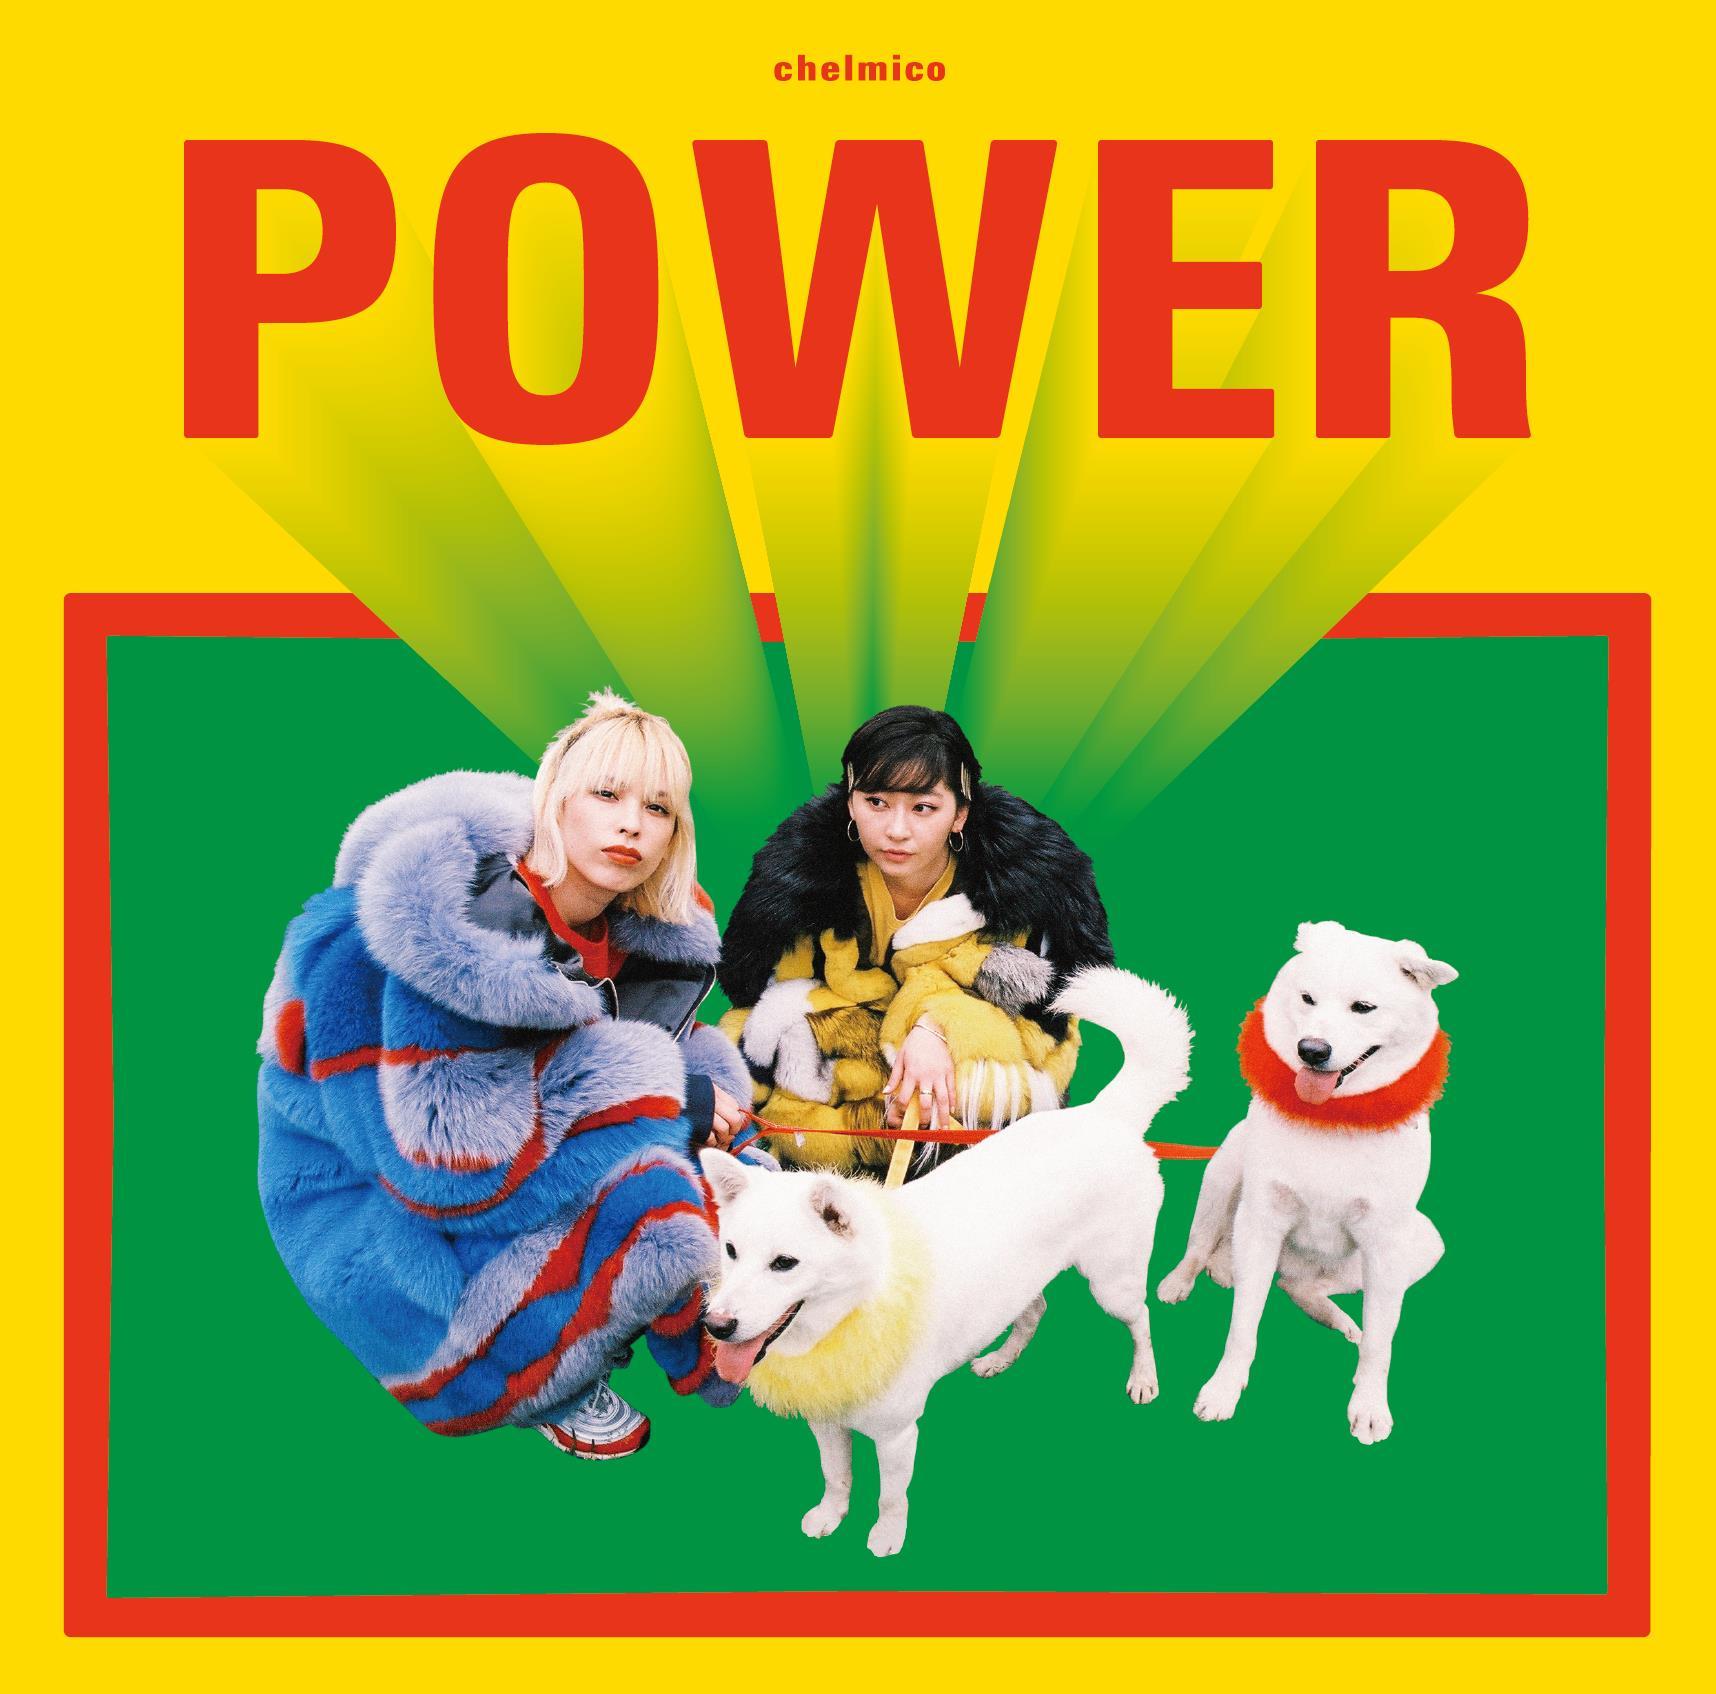 【6/30(日)まで】chelmicoのデビューアルバム『POWER』が期間限定でプライスオフ!